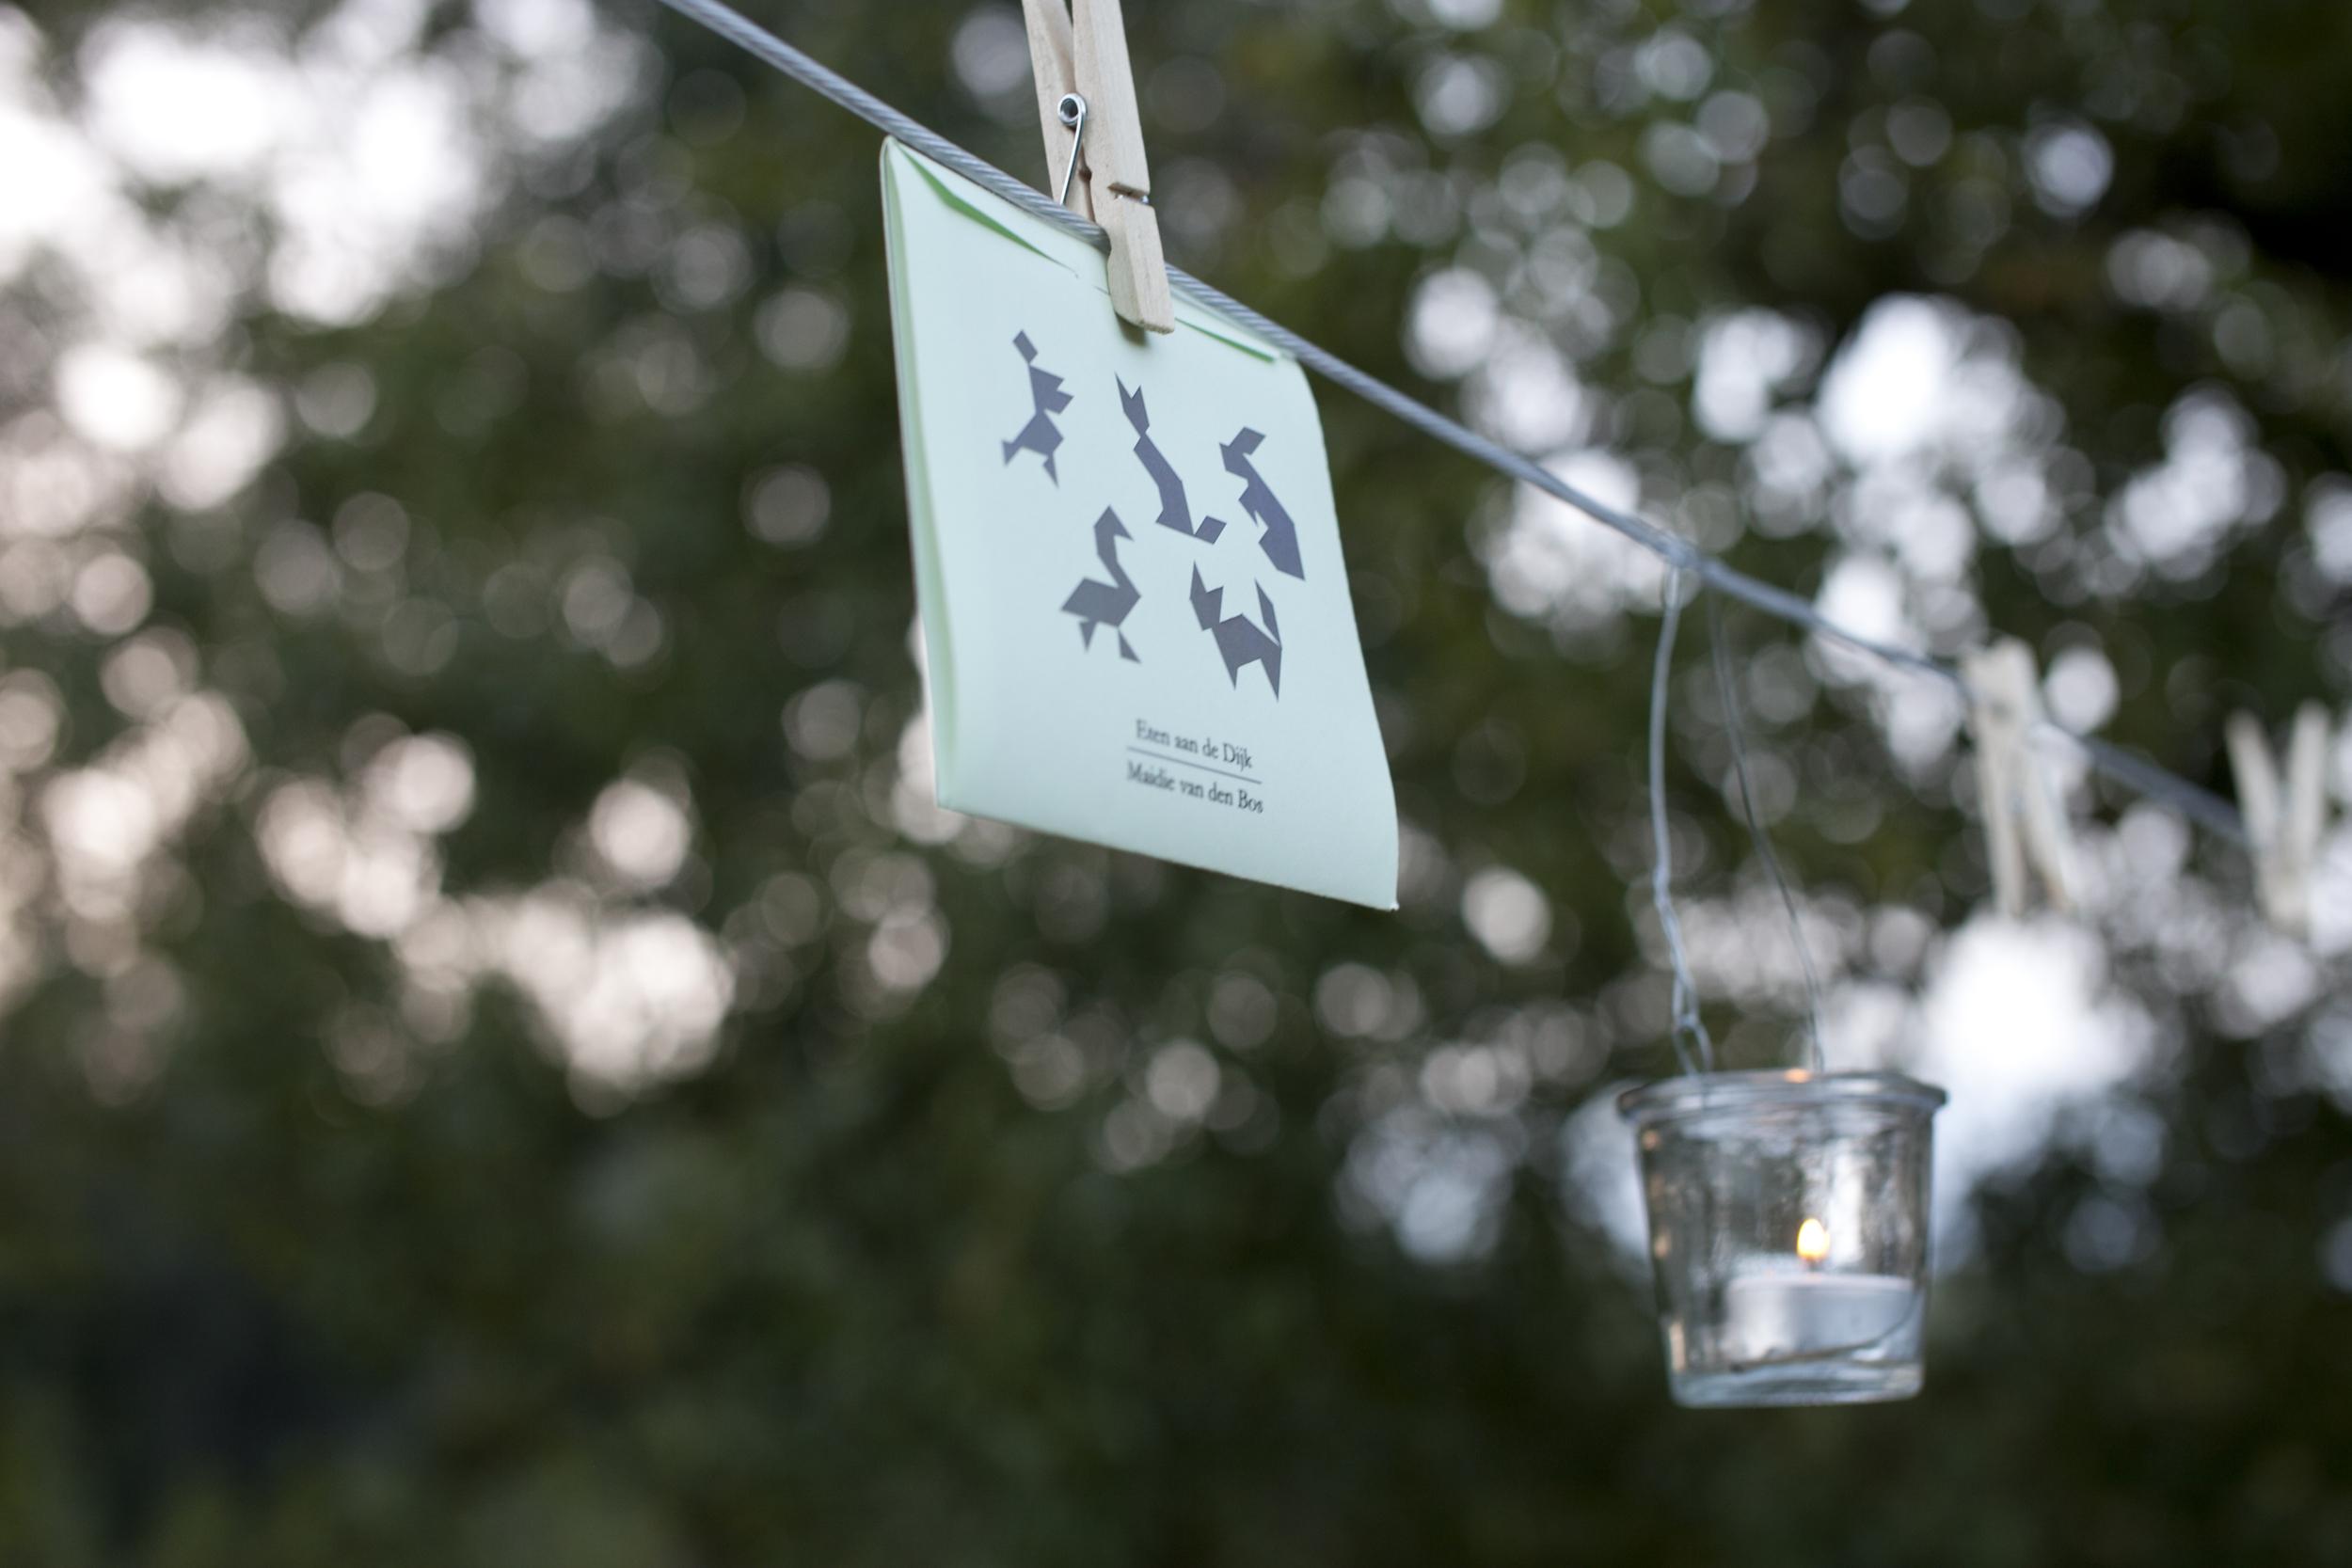 Foto: Melanie Samat. Hier konden de gasten spelen met hun eten: tangram puzzels van fruitleer. Smaken als conference, japanse wijnbes, kweepeer en blauwe bes combineerden fantastisch met de verschillende kazen.